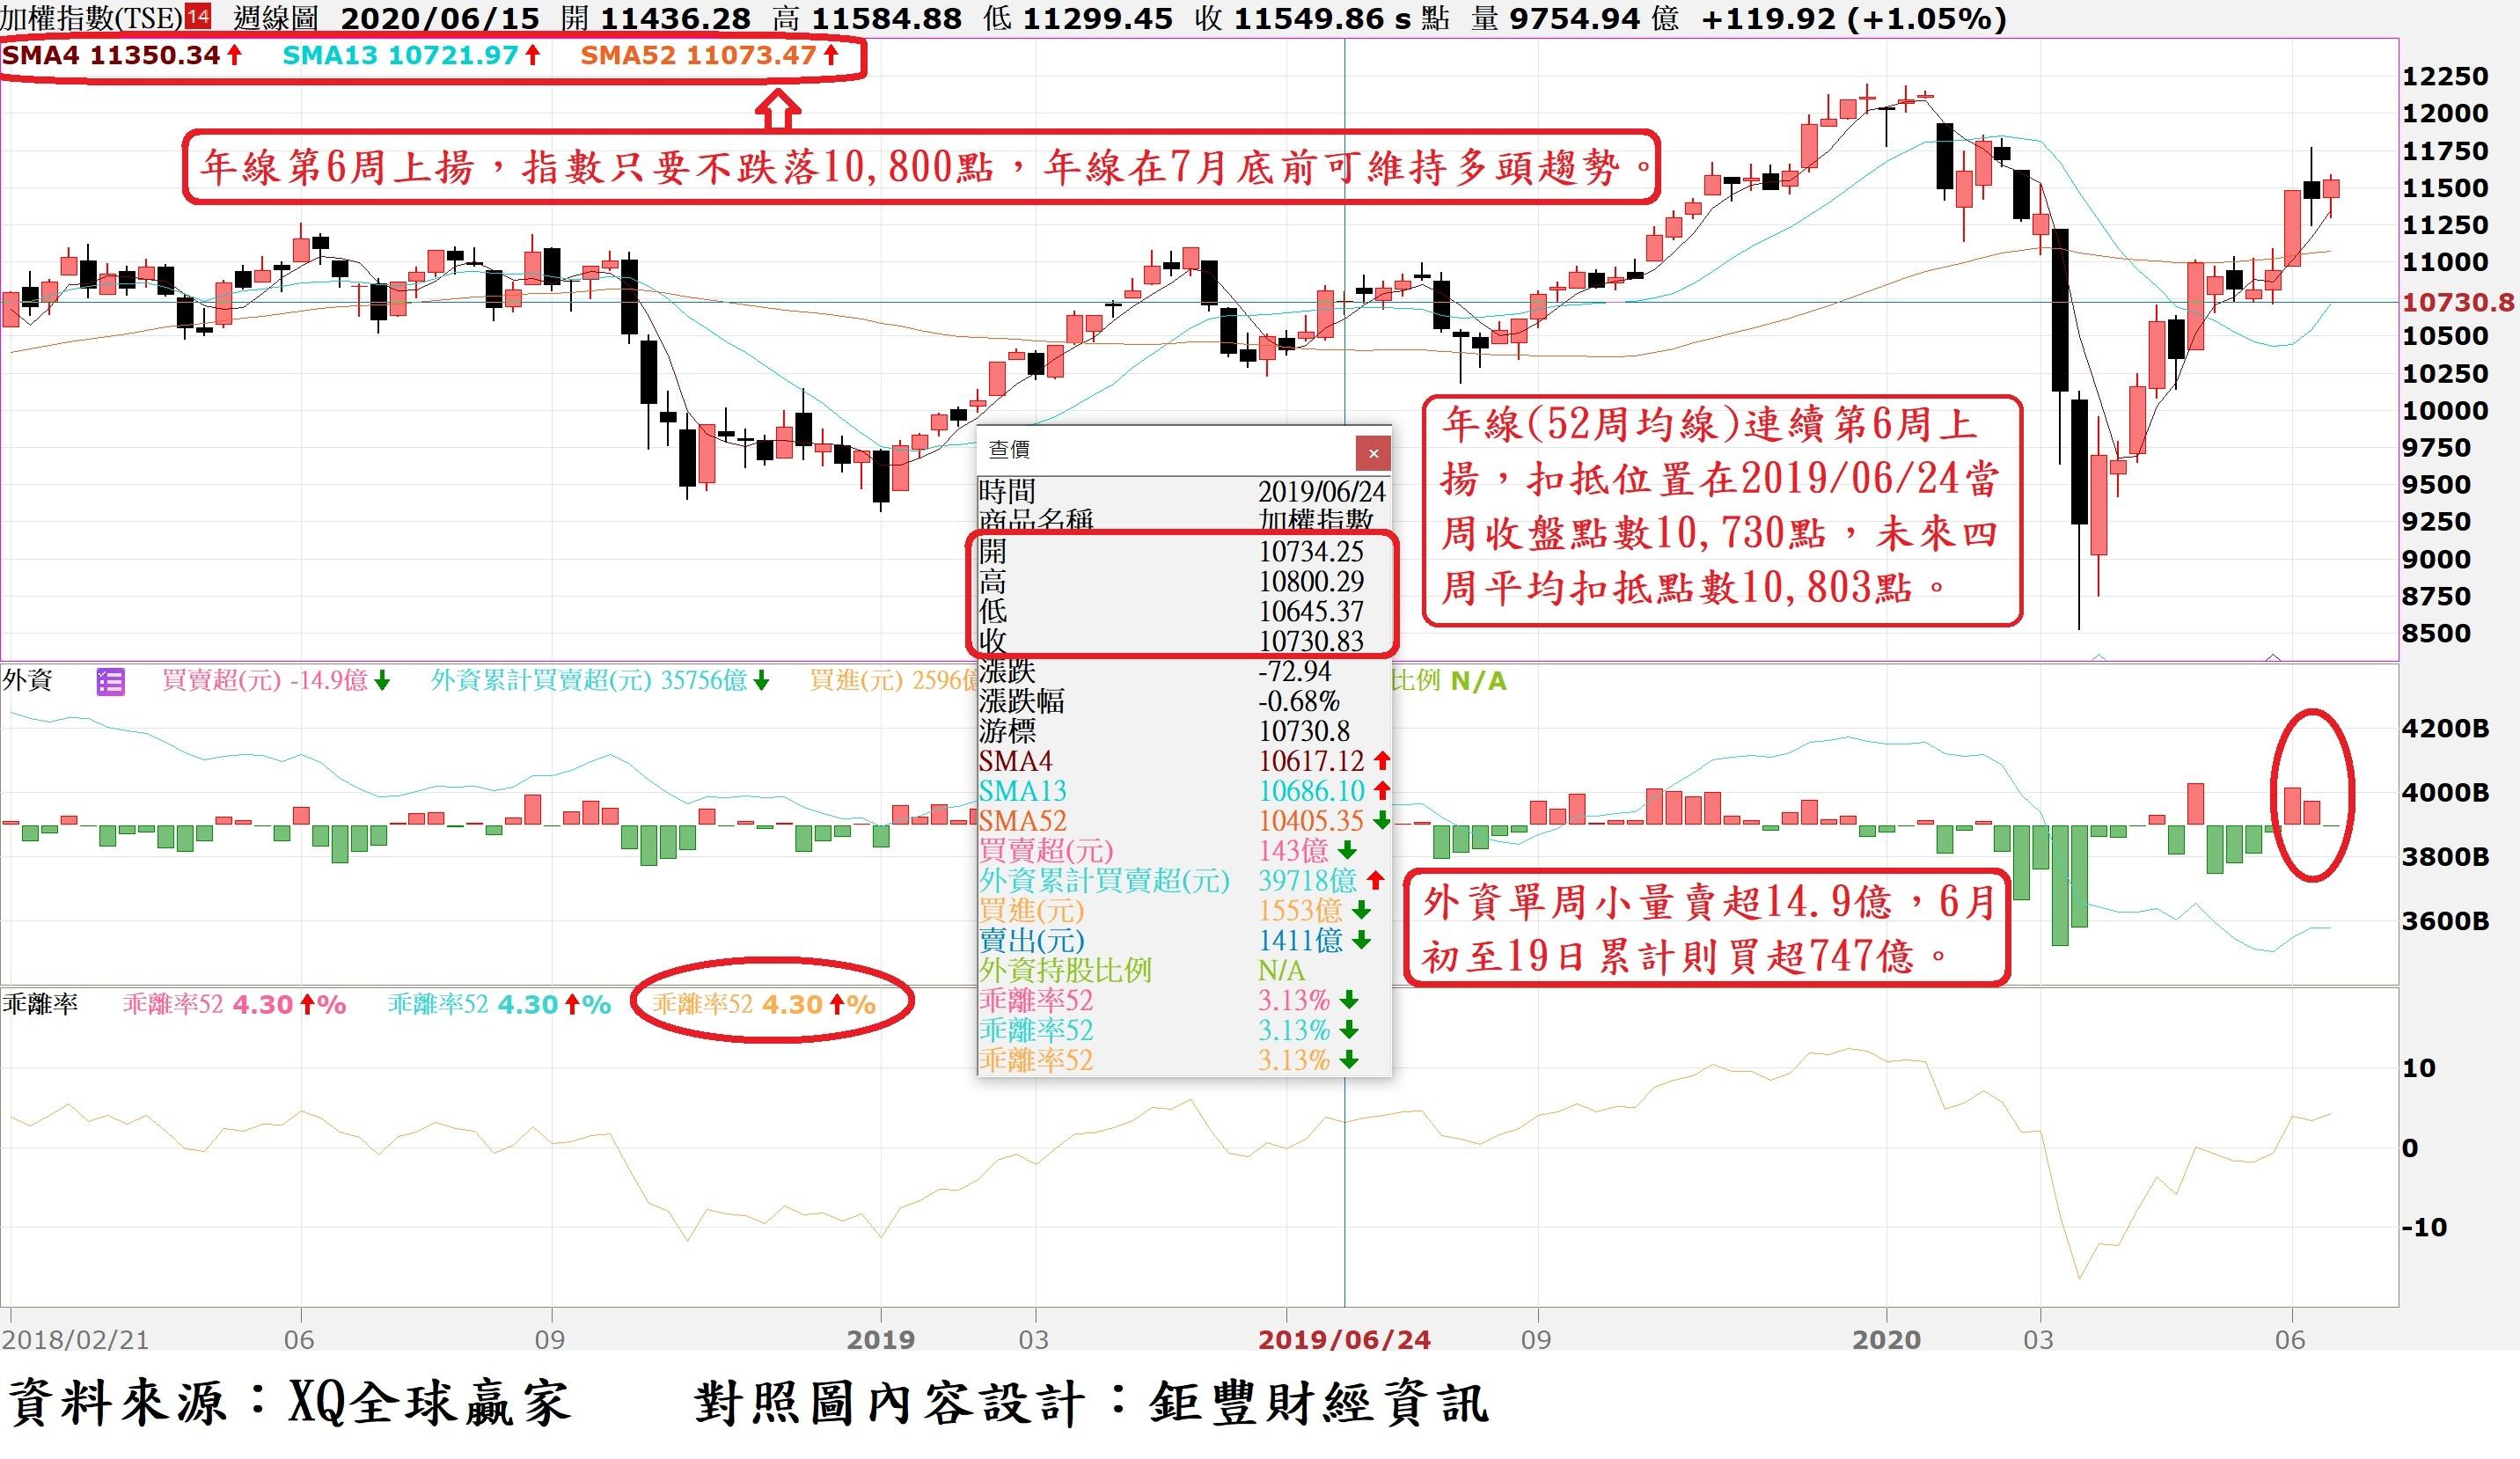 台股周K線與外資買賣超暨年線(52周均線)乖離率走勢對照圖.jpg